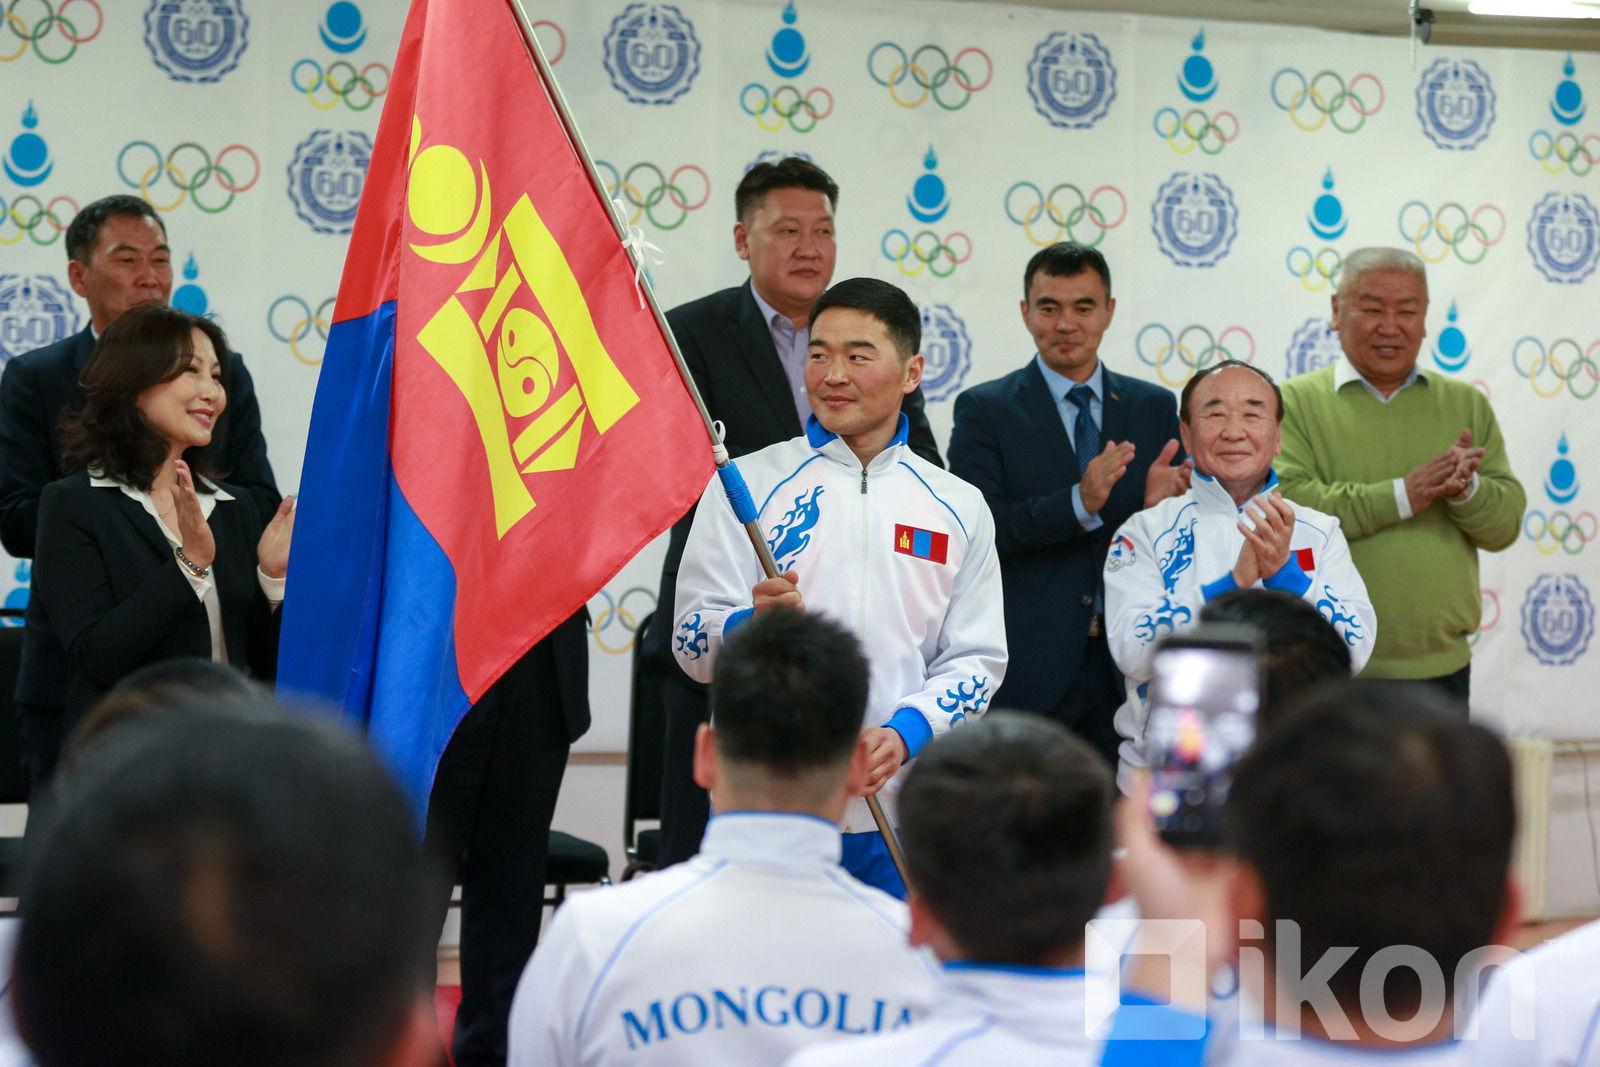 Азийн өвлийн спортын наадамд анх удаа 42 тамирчин оролцоно